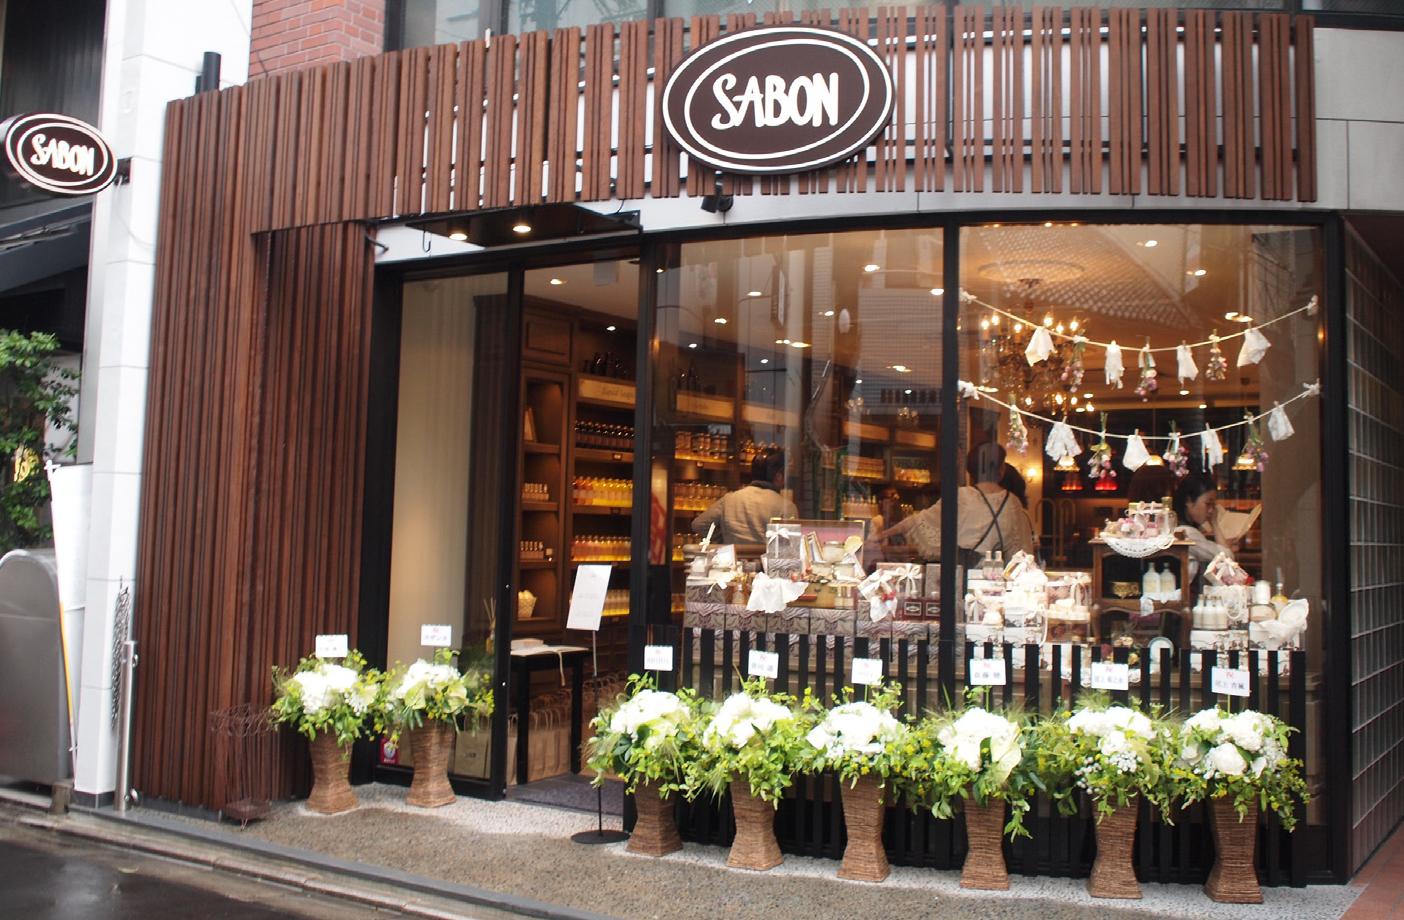 Остановись, мгновение: искусство Sabon покоряет мир